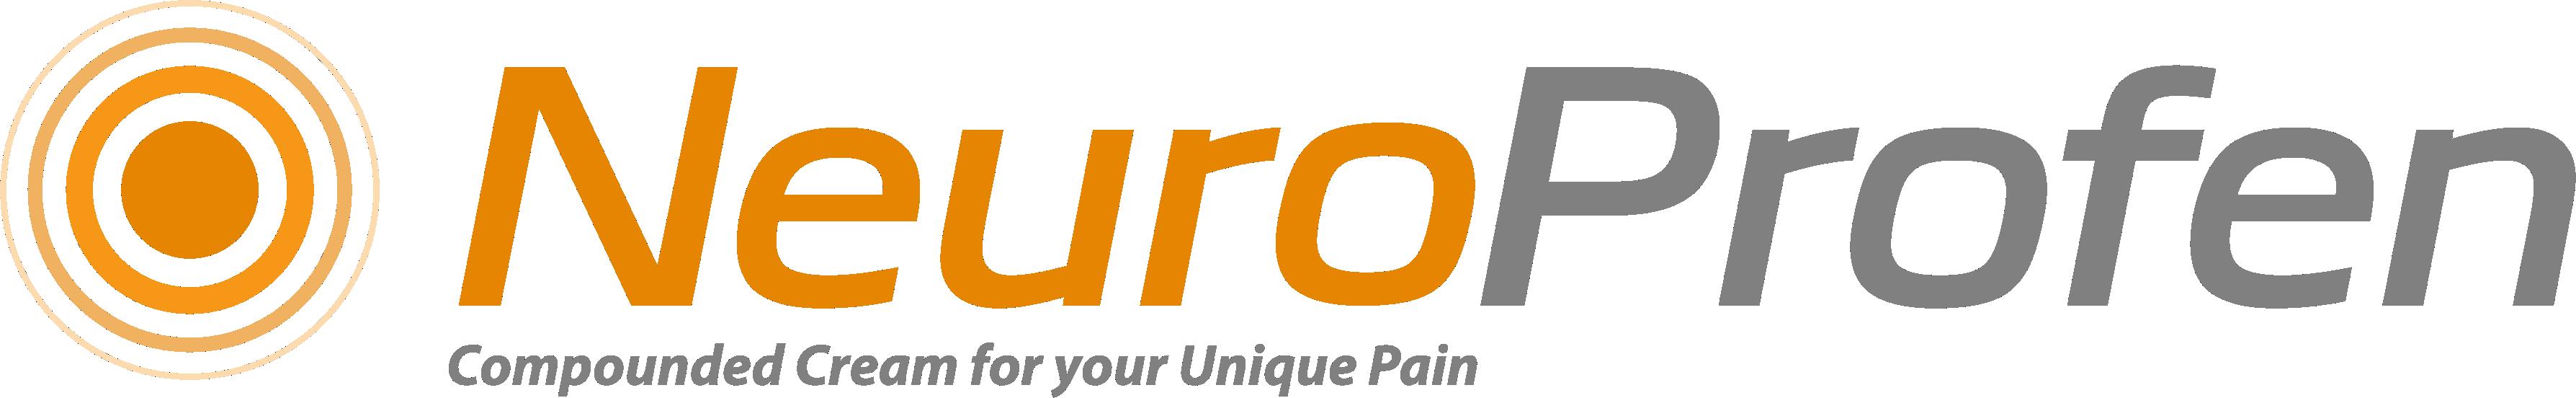 NeuroProfen